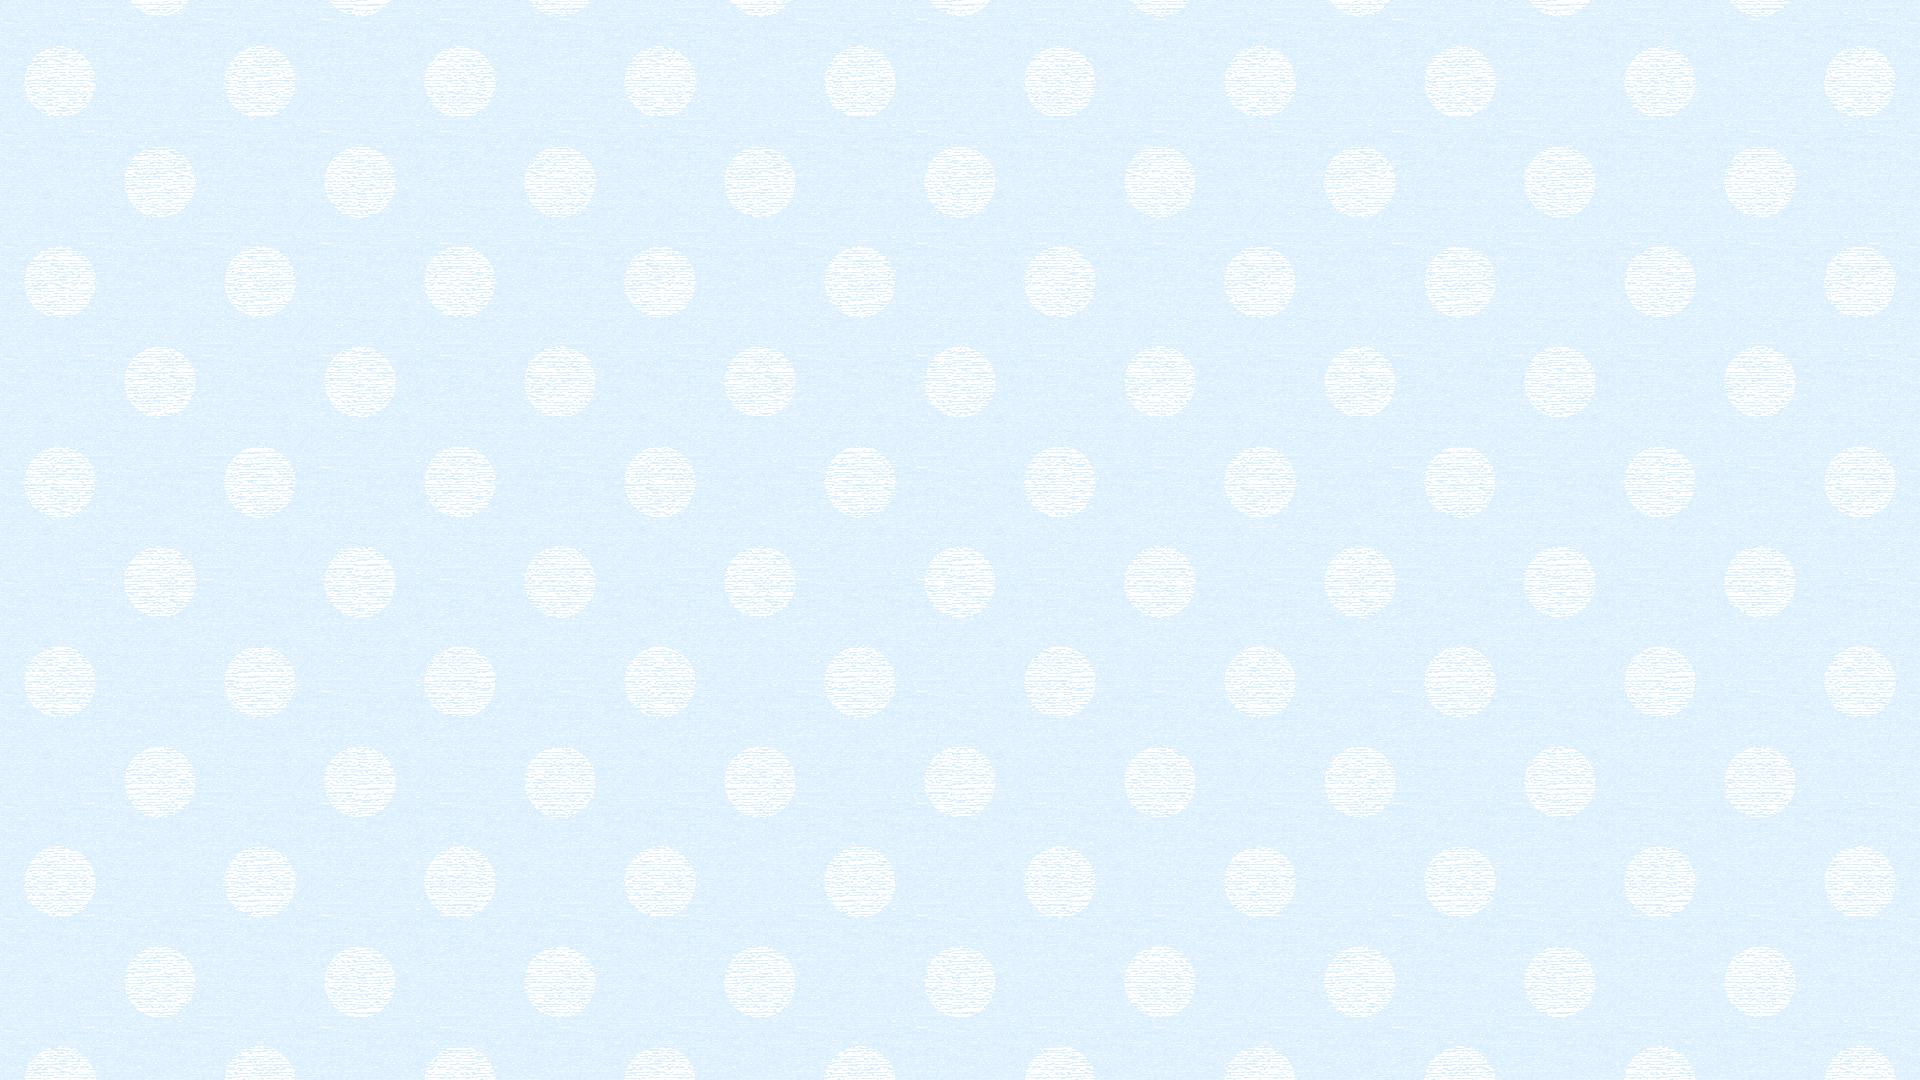 ドット模様2_blue